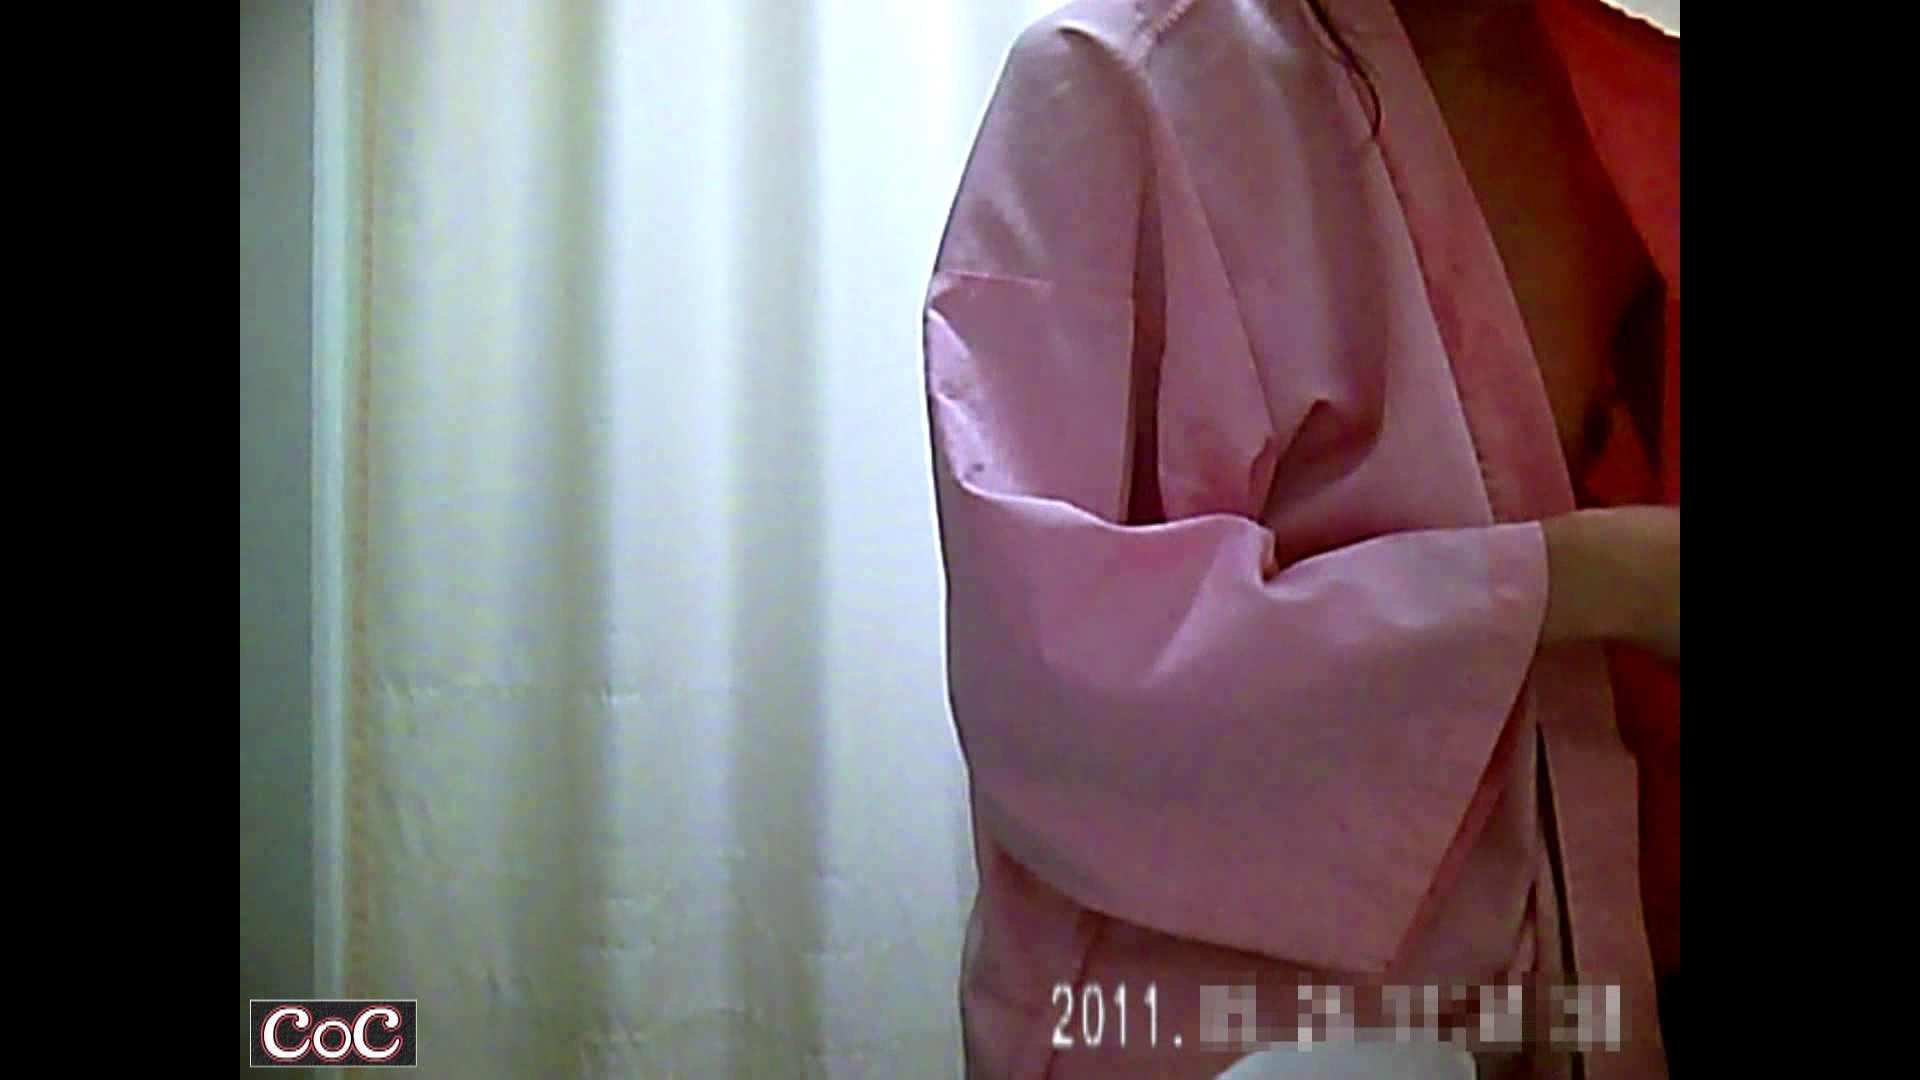 病院おもいっきり着替え! vol.127 乳首 盗撮アダルト動画キャプチャ 104pic 45